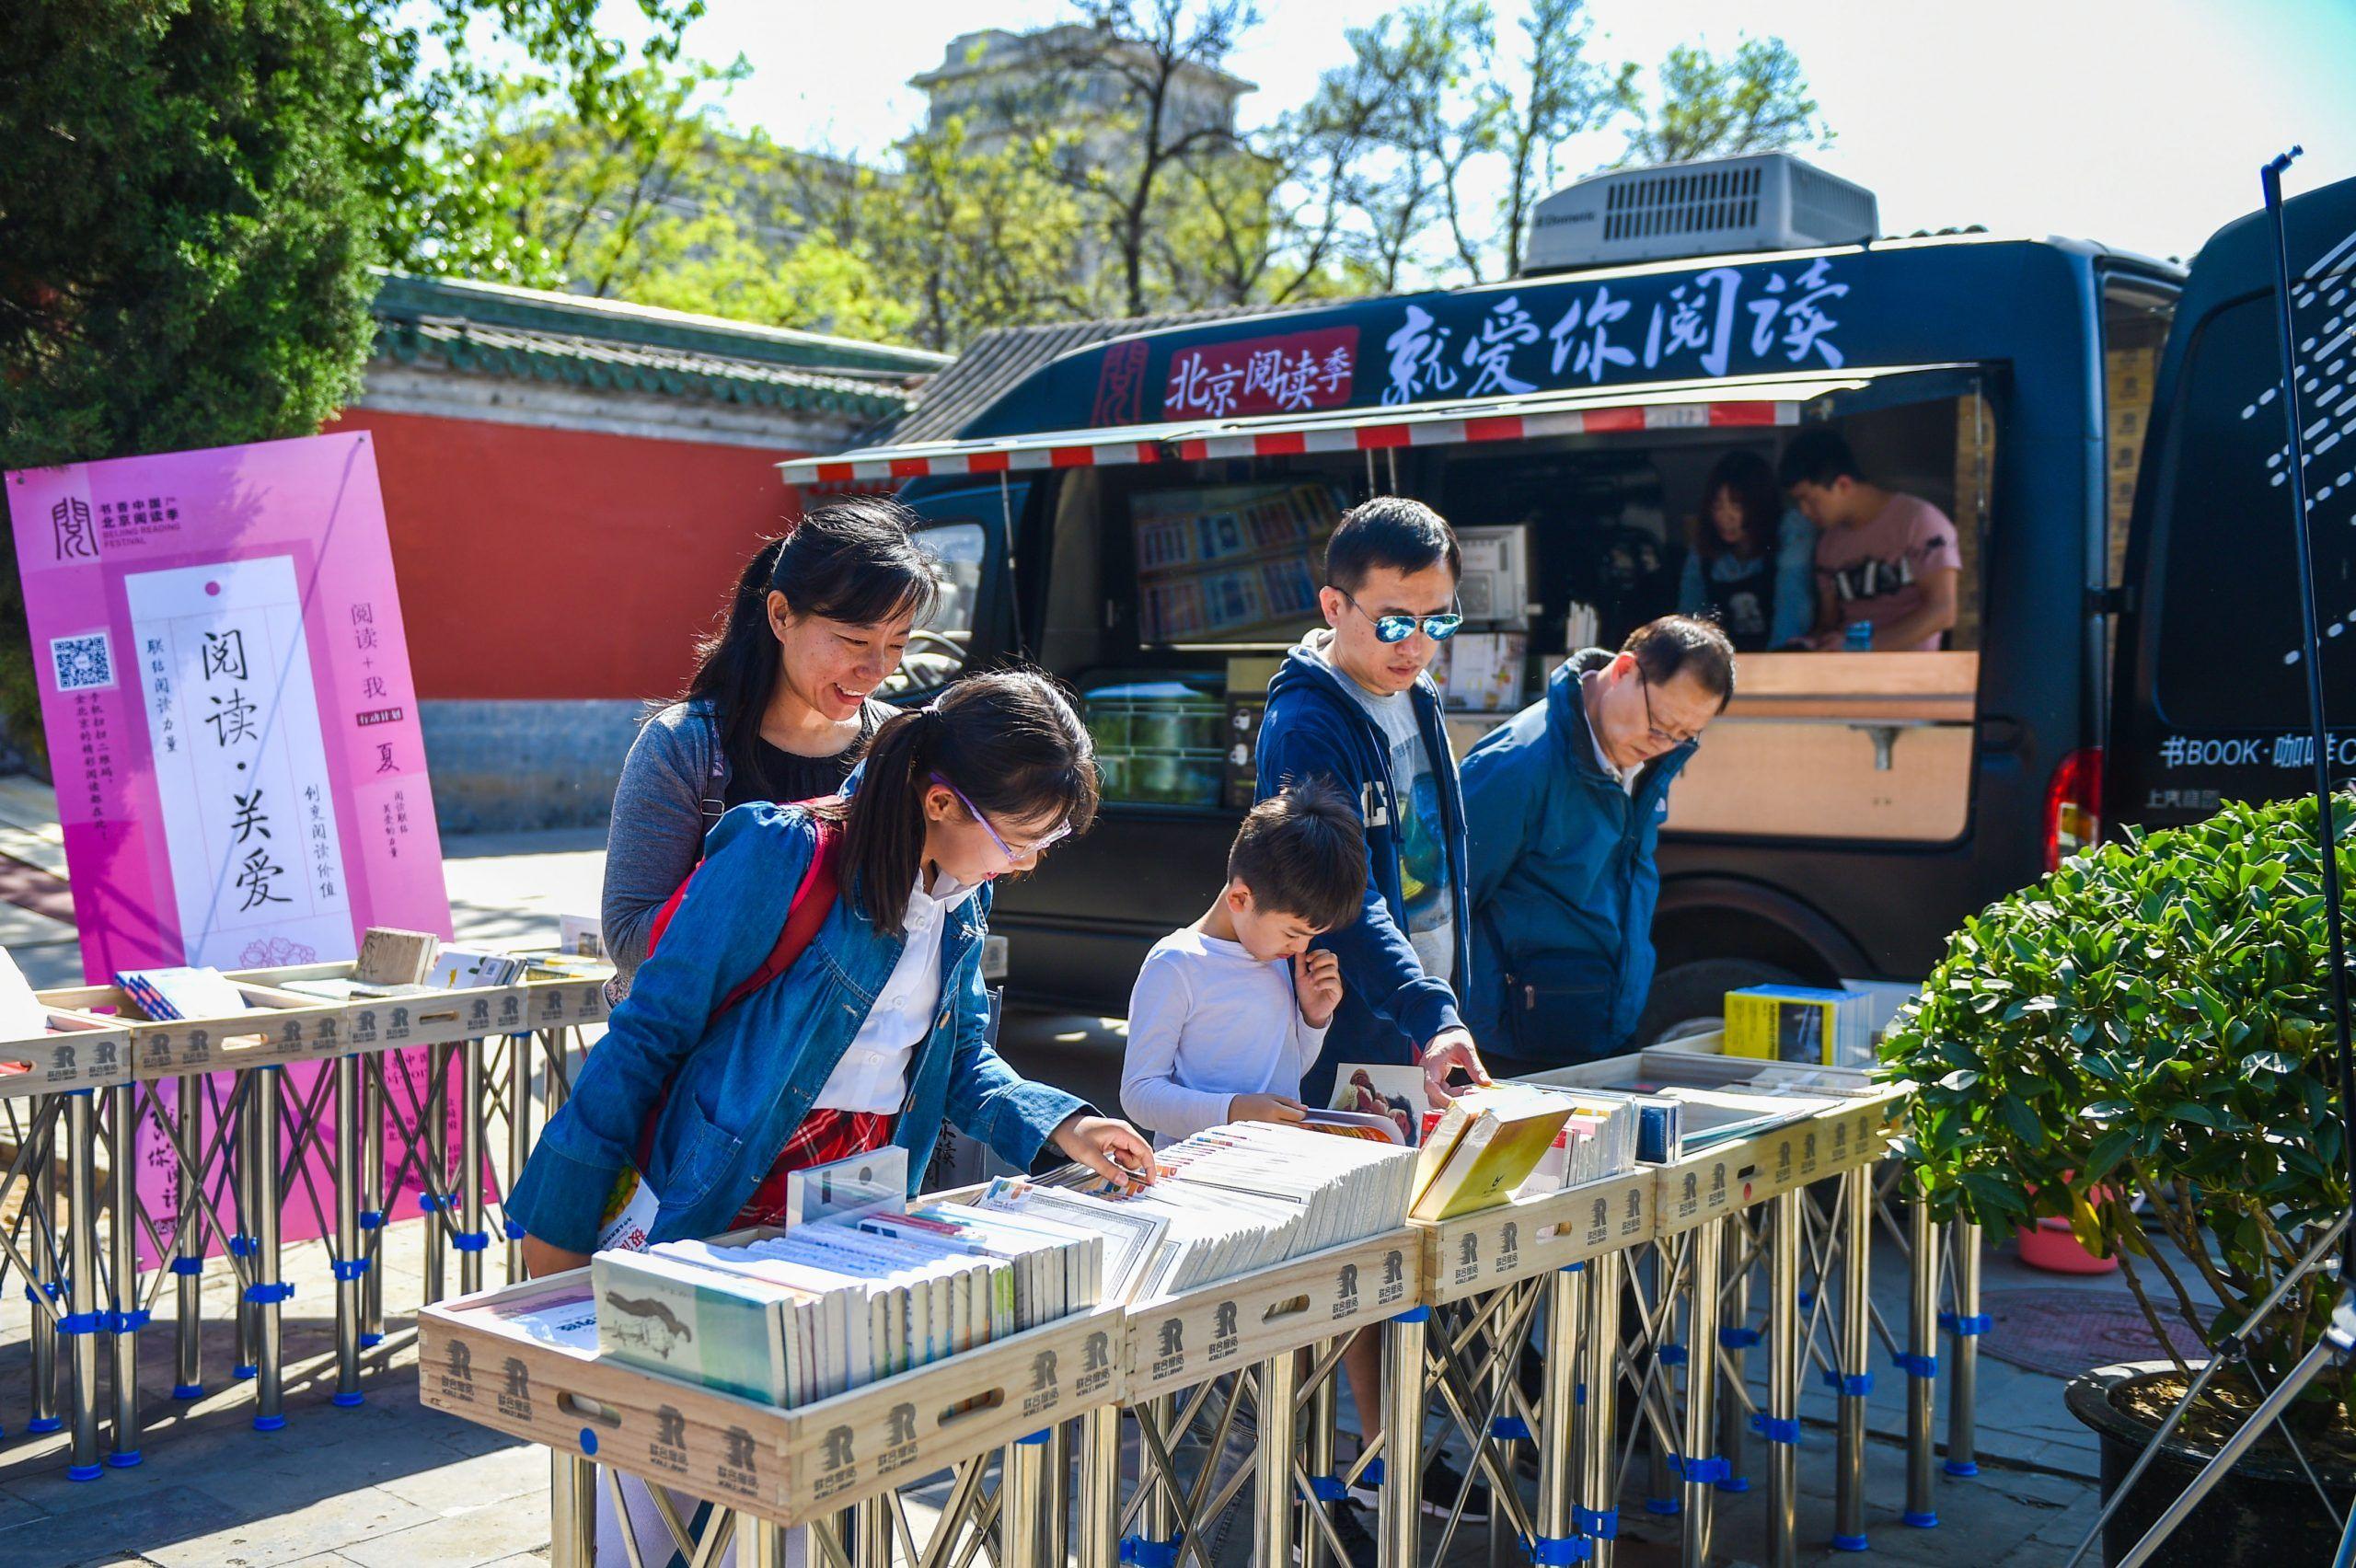 北京,阅读点亮一座城